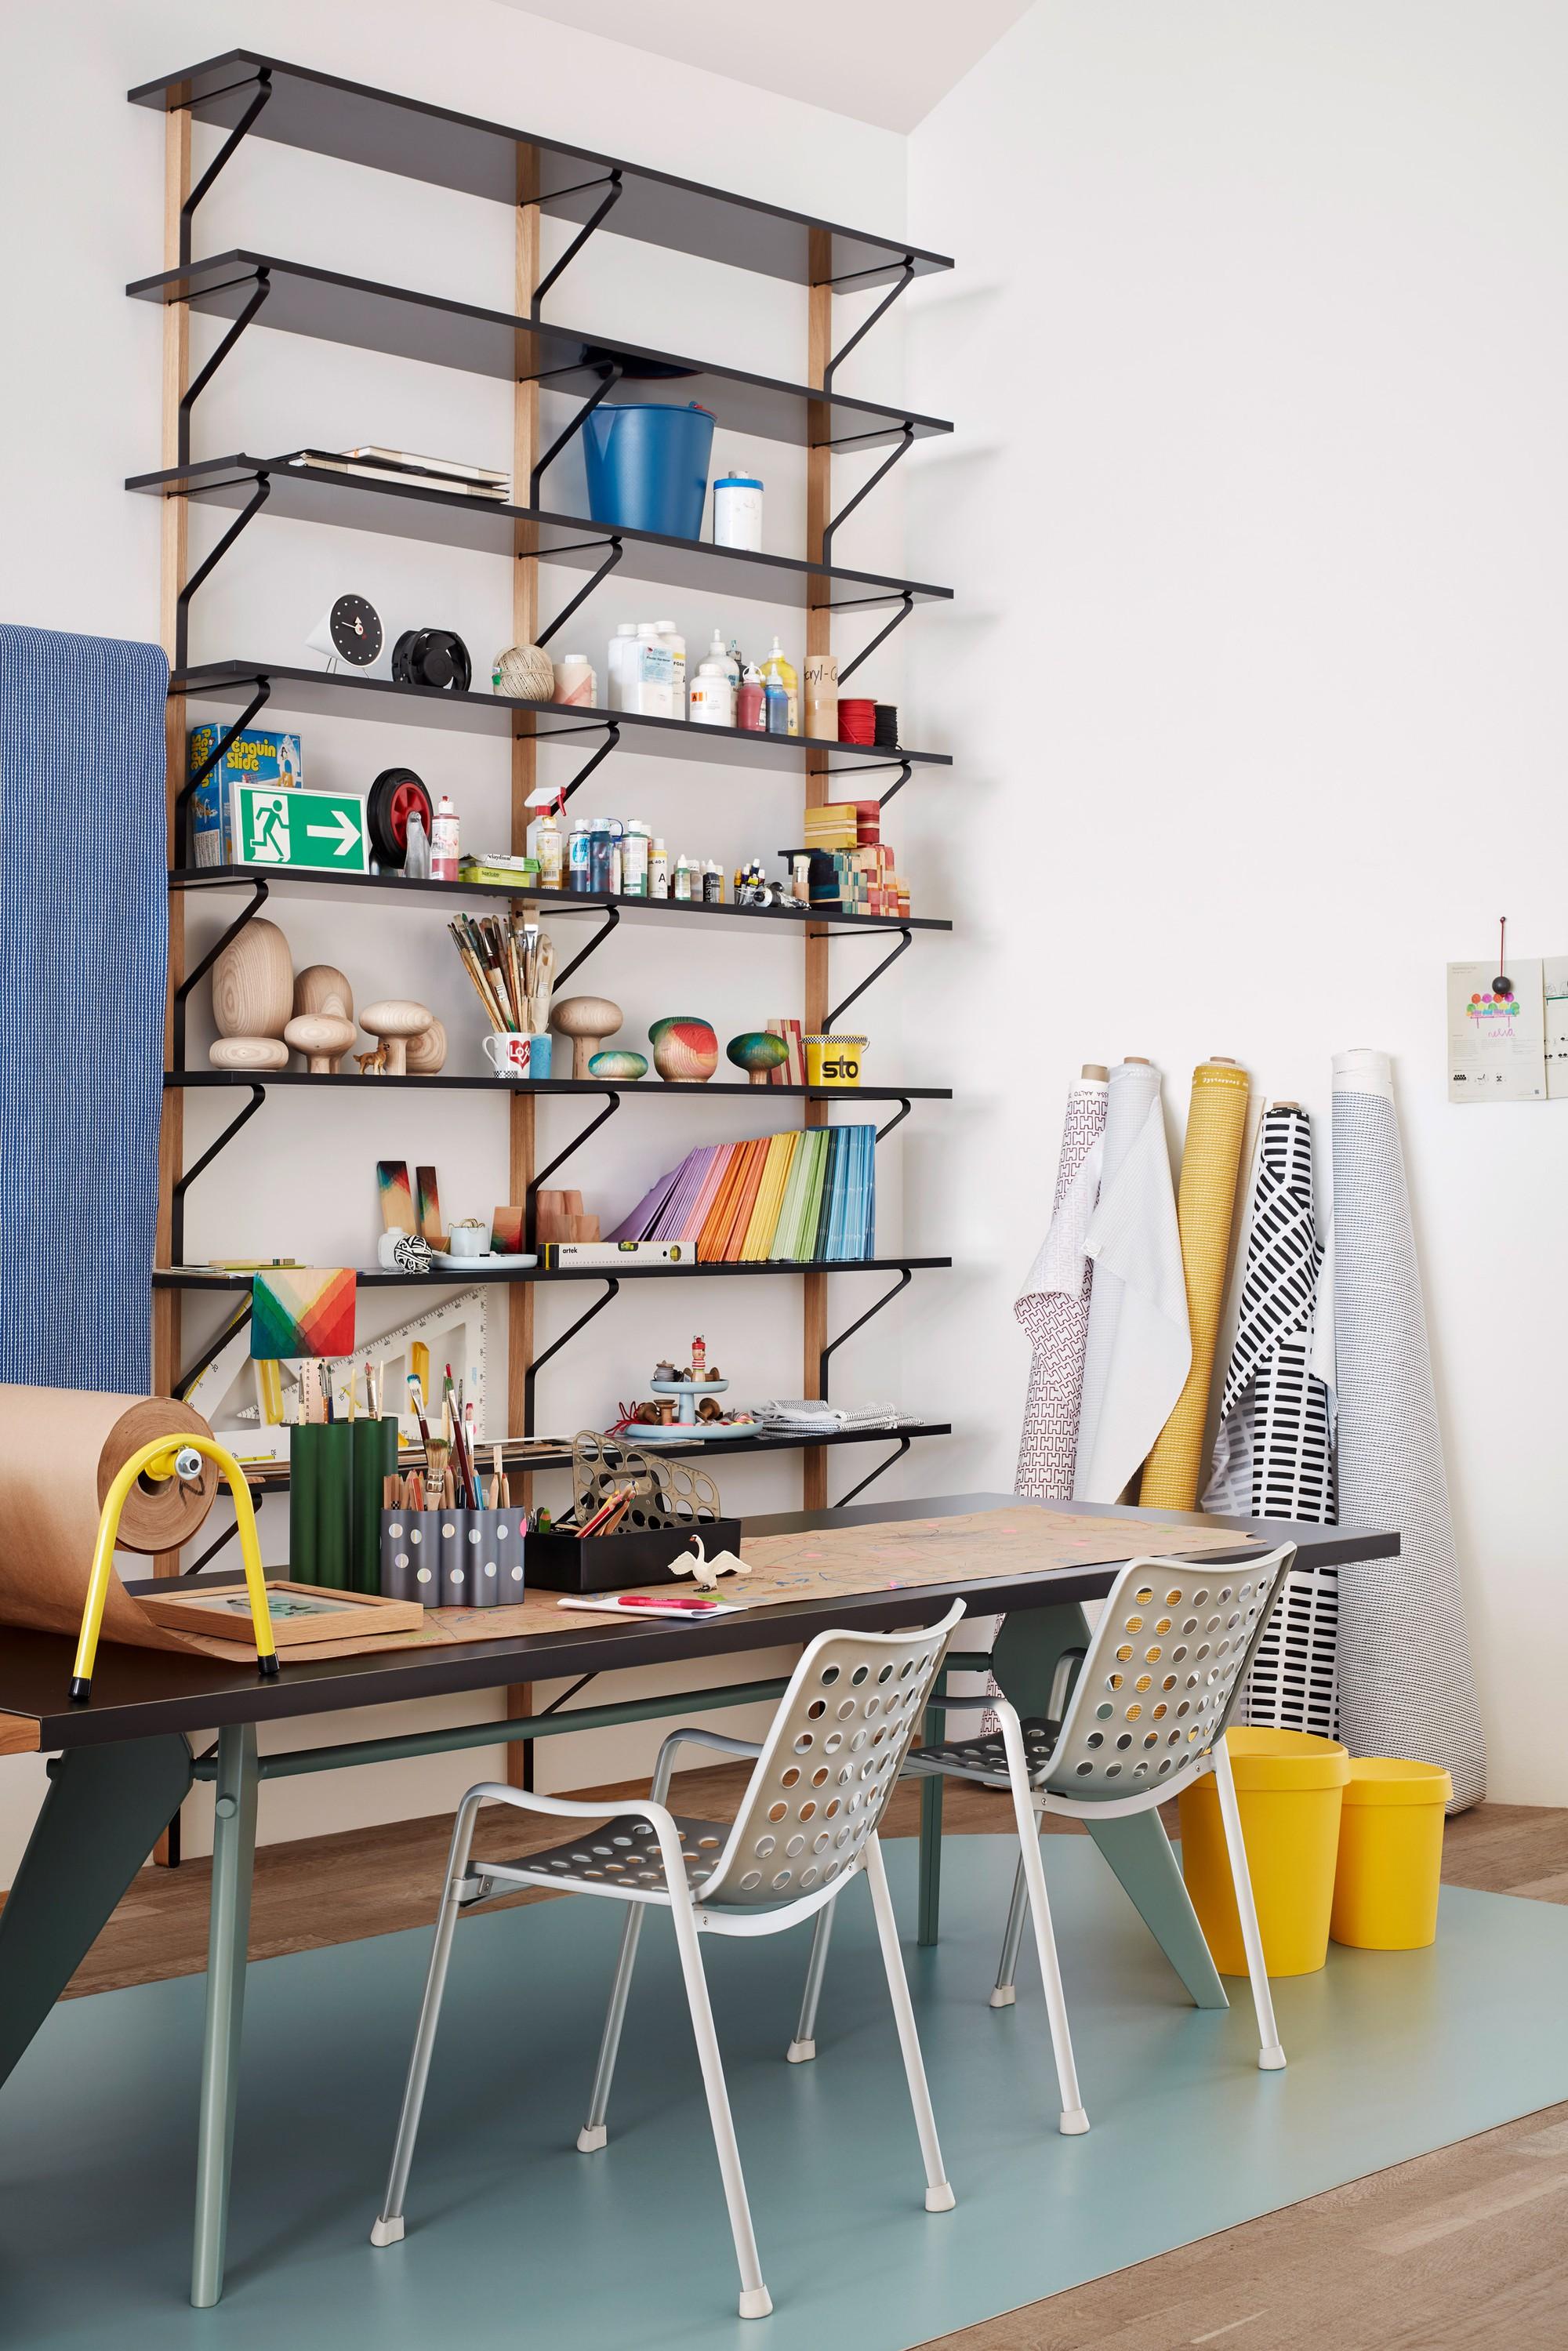 Những góc nội thất hiện đại với cách bố trí vô cùng sáng tạo trong căn hộ nhỏ - Ảnh 6.